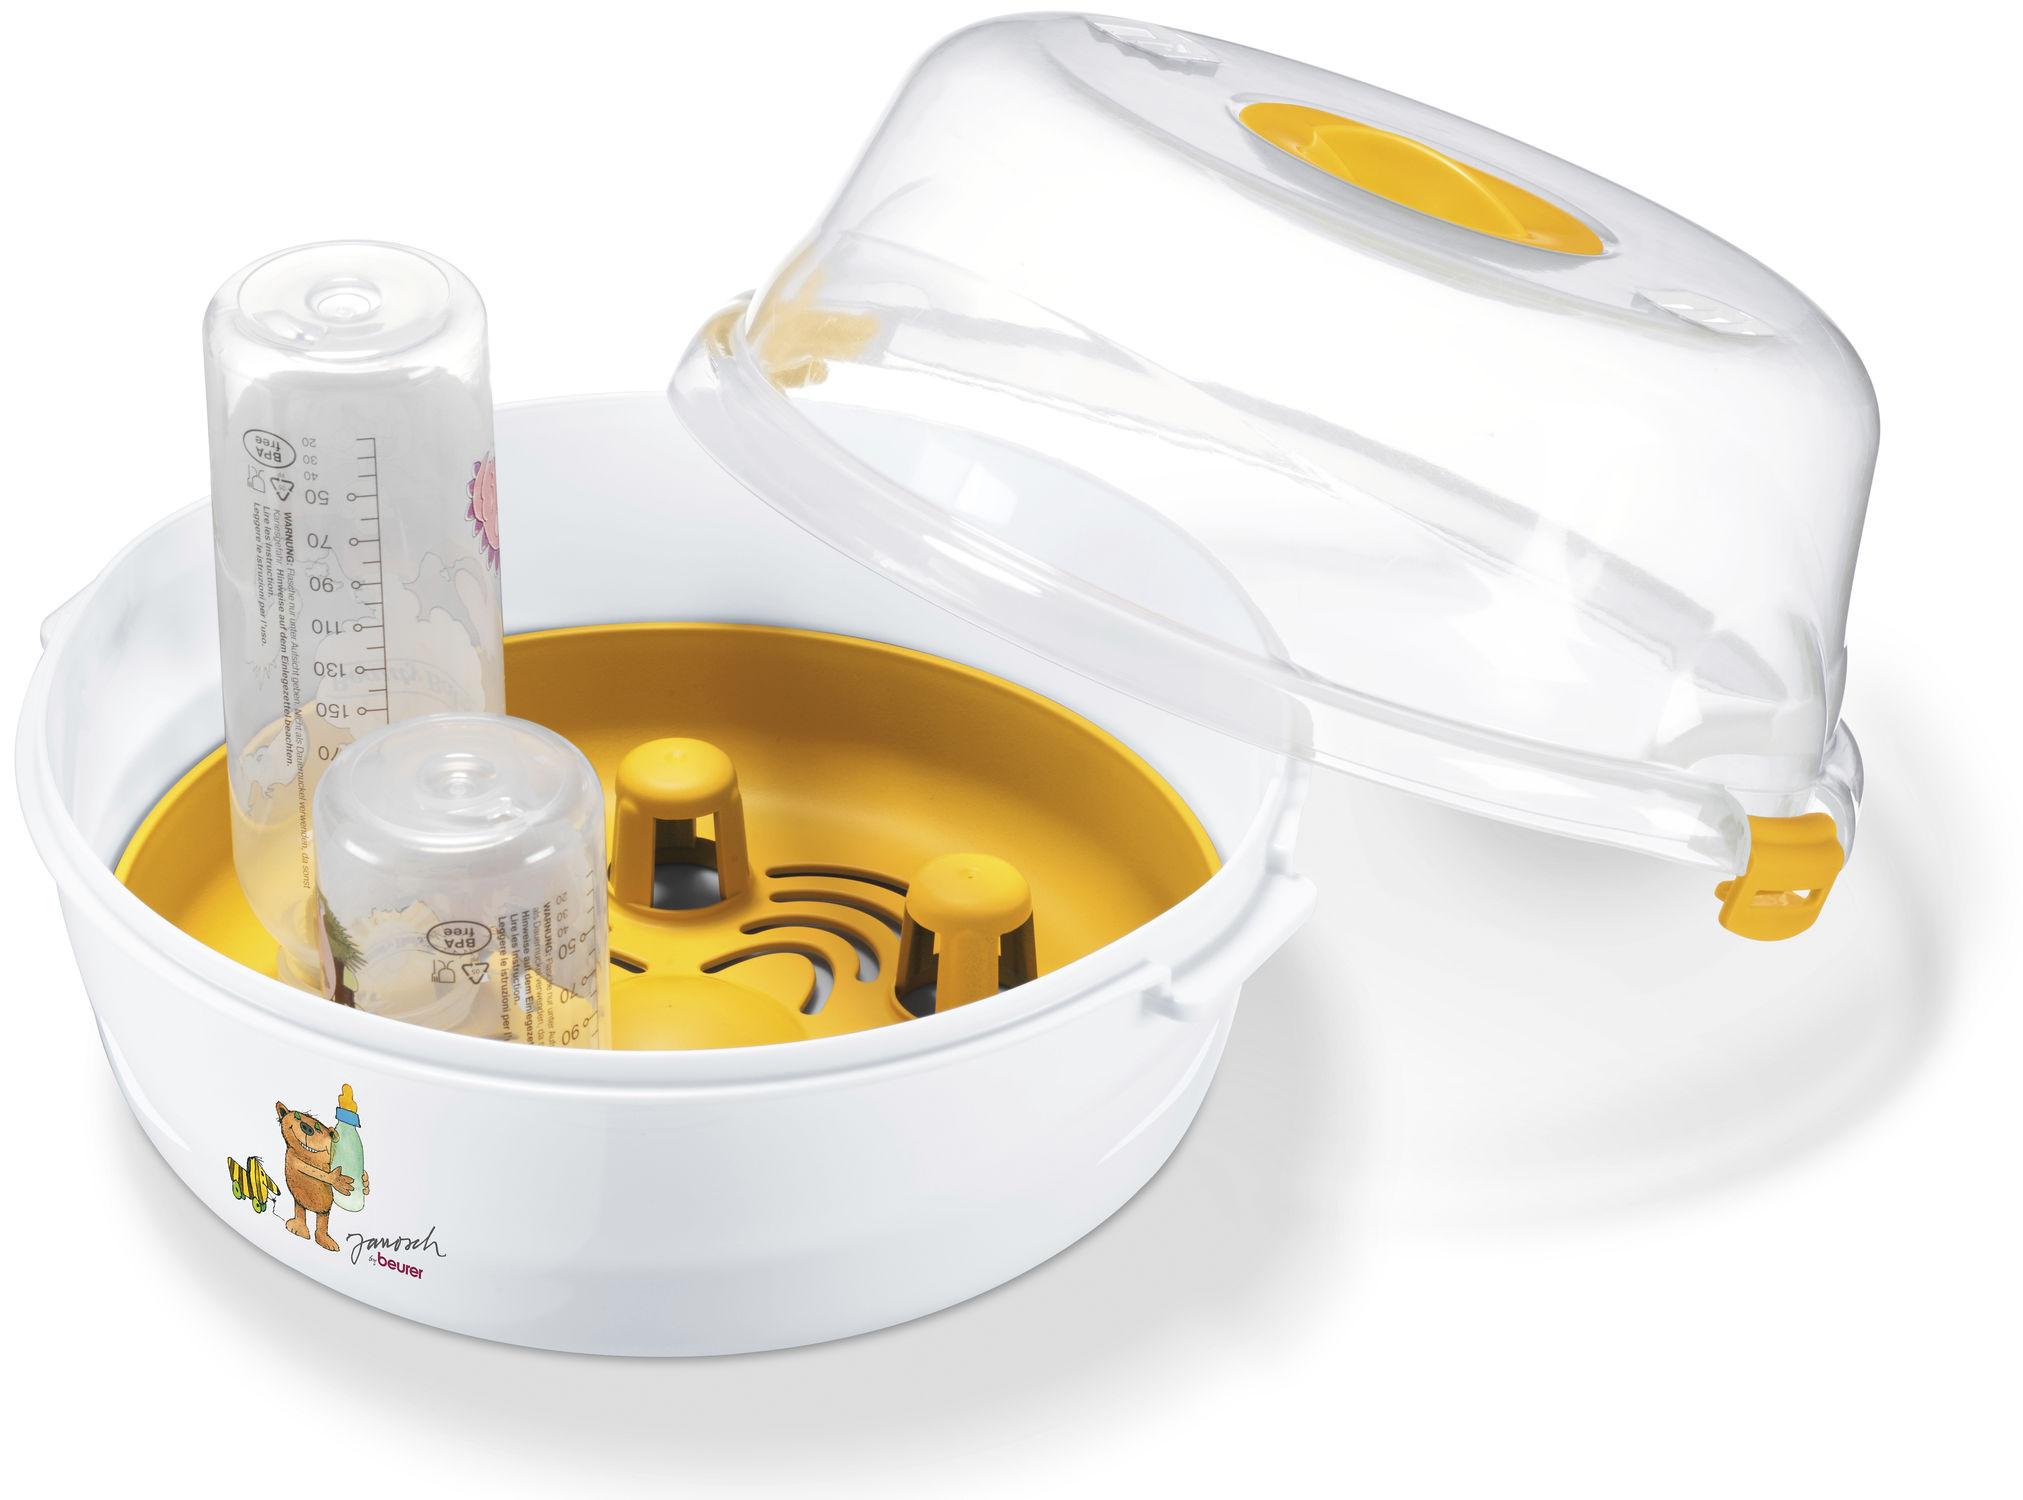 Electric baby bottle sterilizer JBY 40